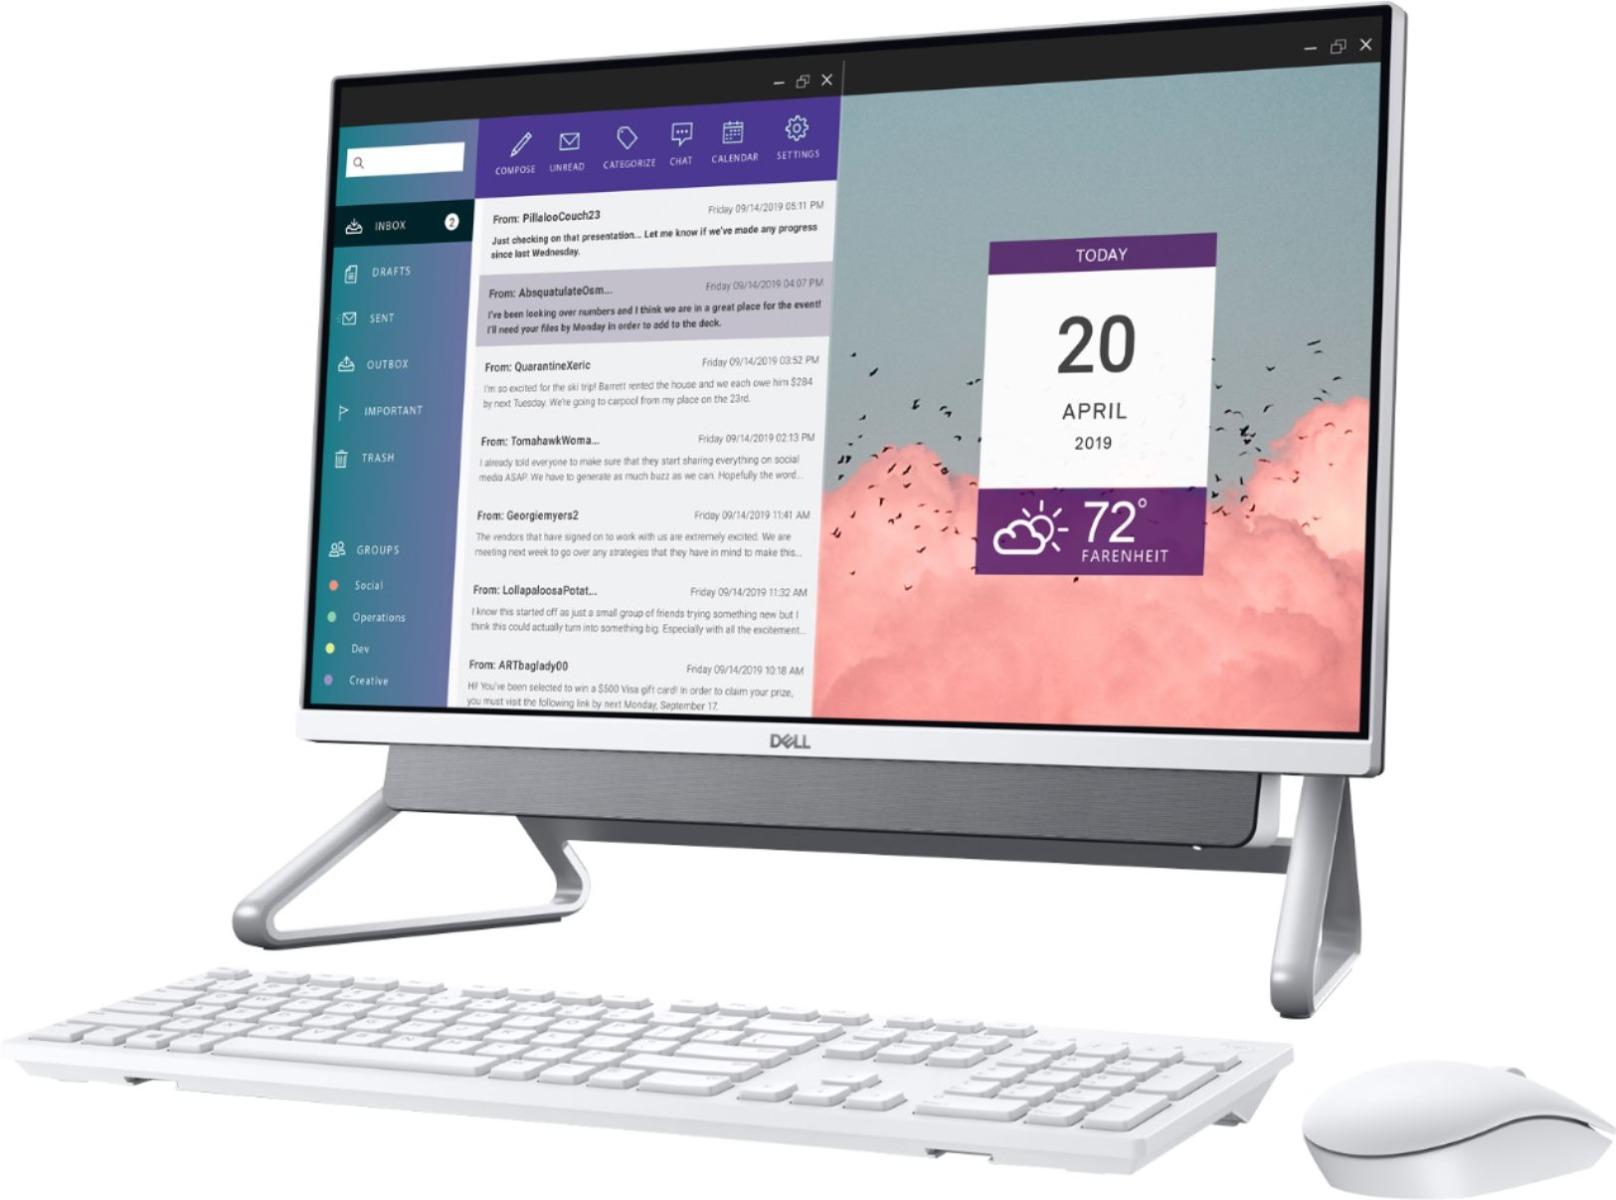 Dell - Inspiron 23.8